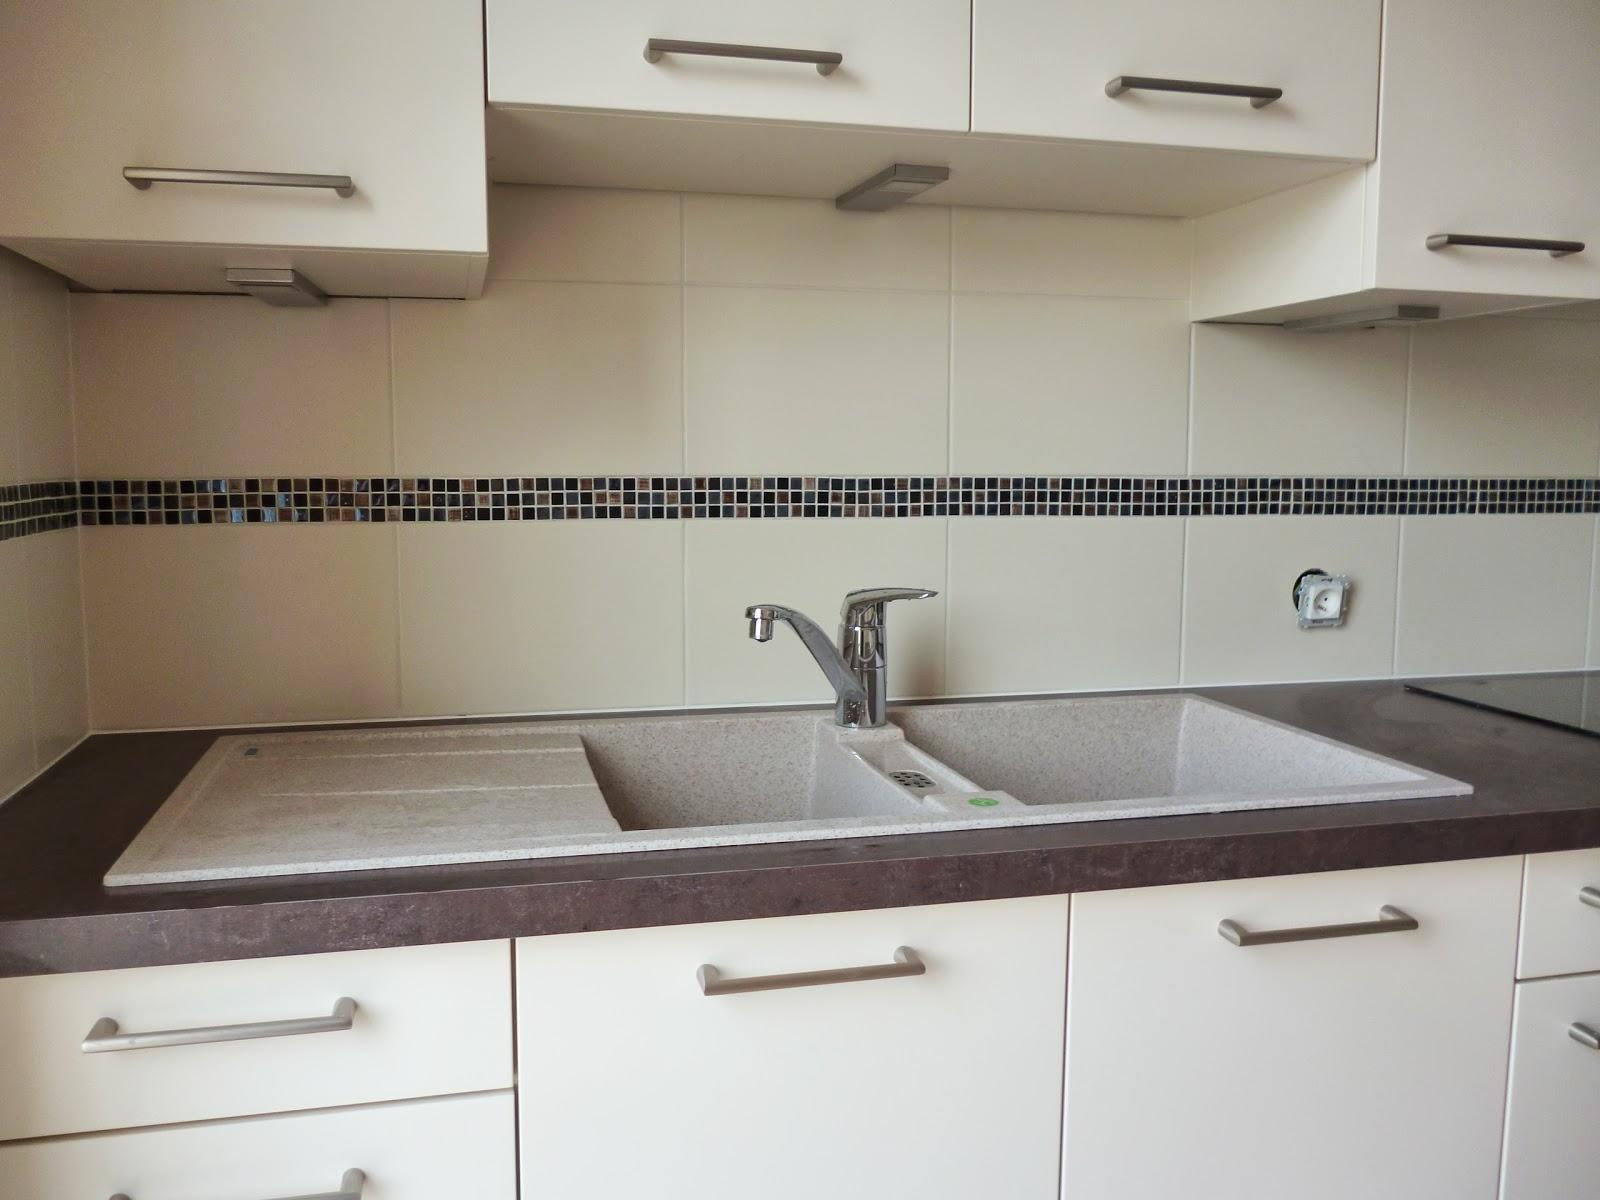 credence 25x35 beige frise mosa que julienbugnetcarrelage. Black Bedroom Furniture Sets. Home Design Ideas